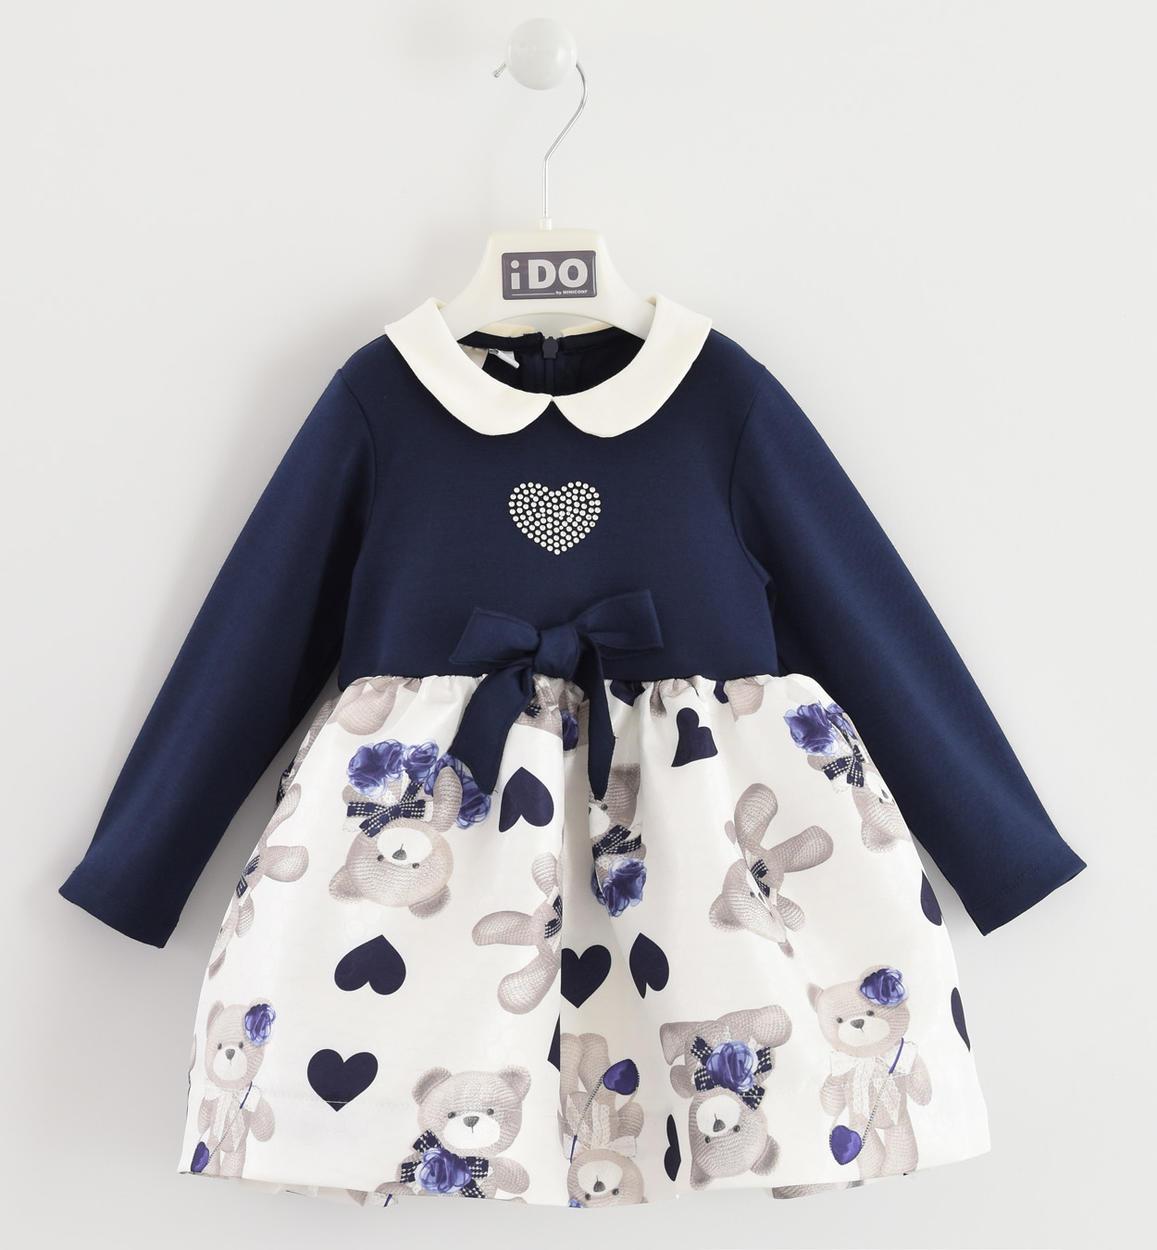 macis gyerekruha lányruha elegáns alkalmi ruha